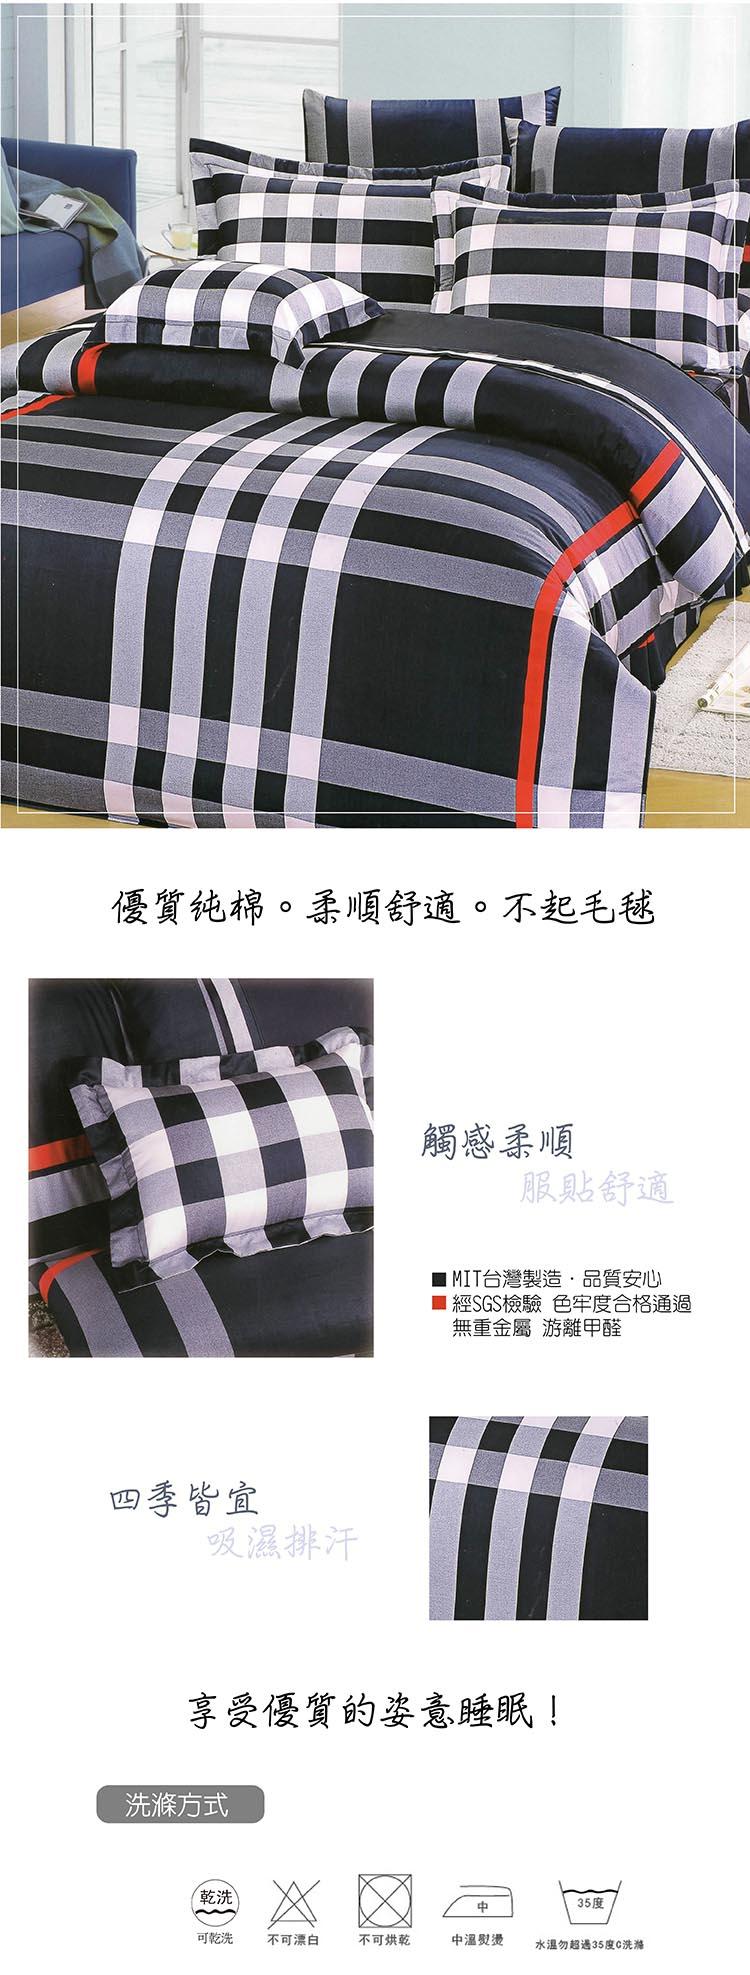 雙人7件式床罩組 (個性條紋)【專櫃精品、100%純綿、台灣製】# 寢國寢城 1